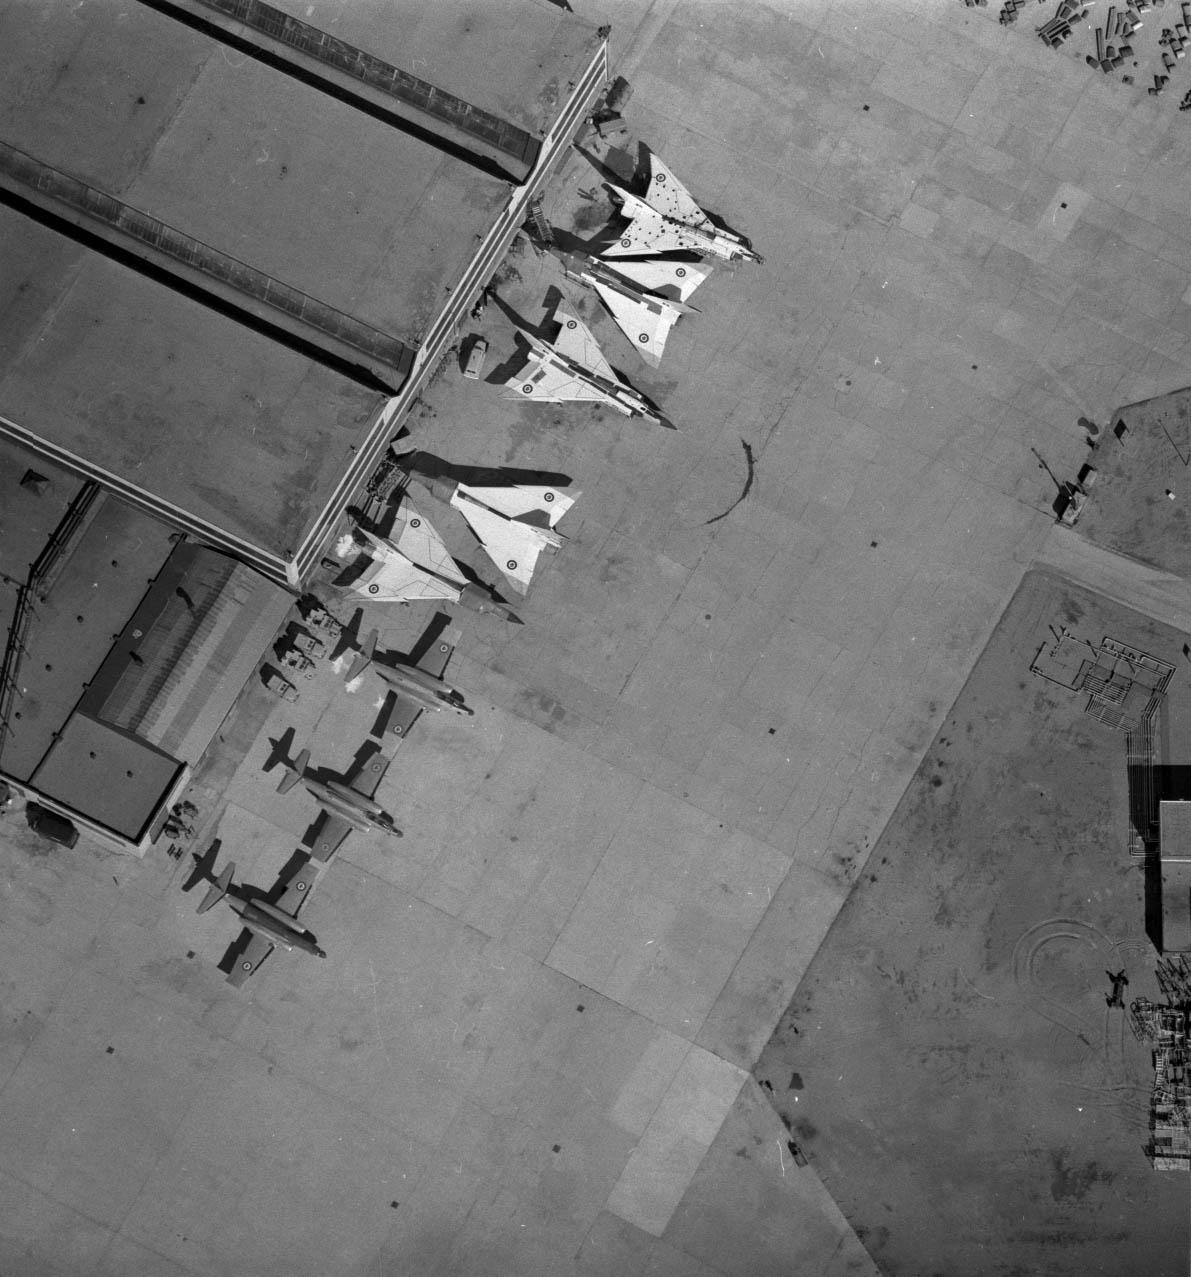 Photo noir et blanc de huit avions stationnés devant un bâtiment, vus depuis les airs.